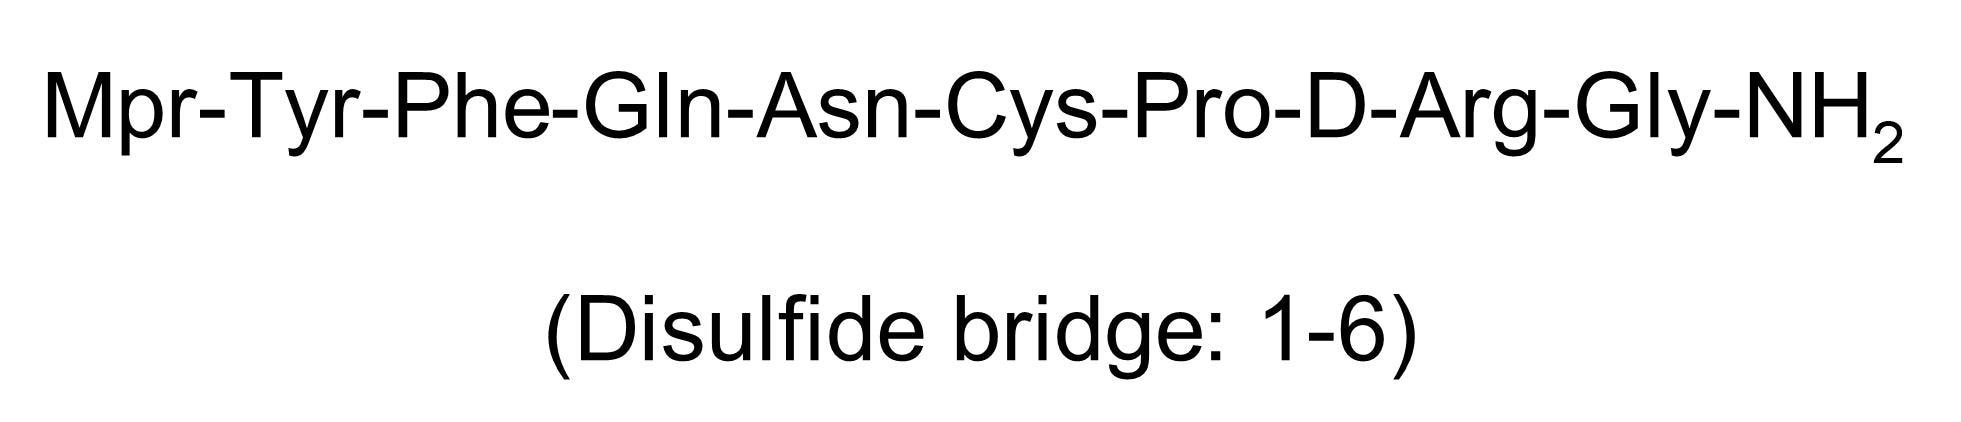 Chemical Structure - Desmopressin acetate, Vasopressin V2 receptor agonist (ab142282)